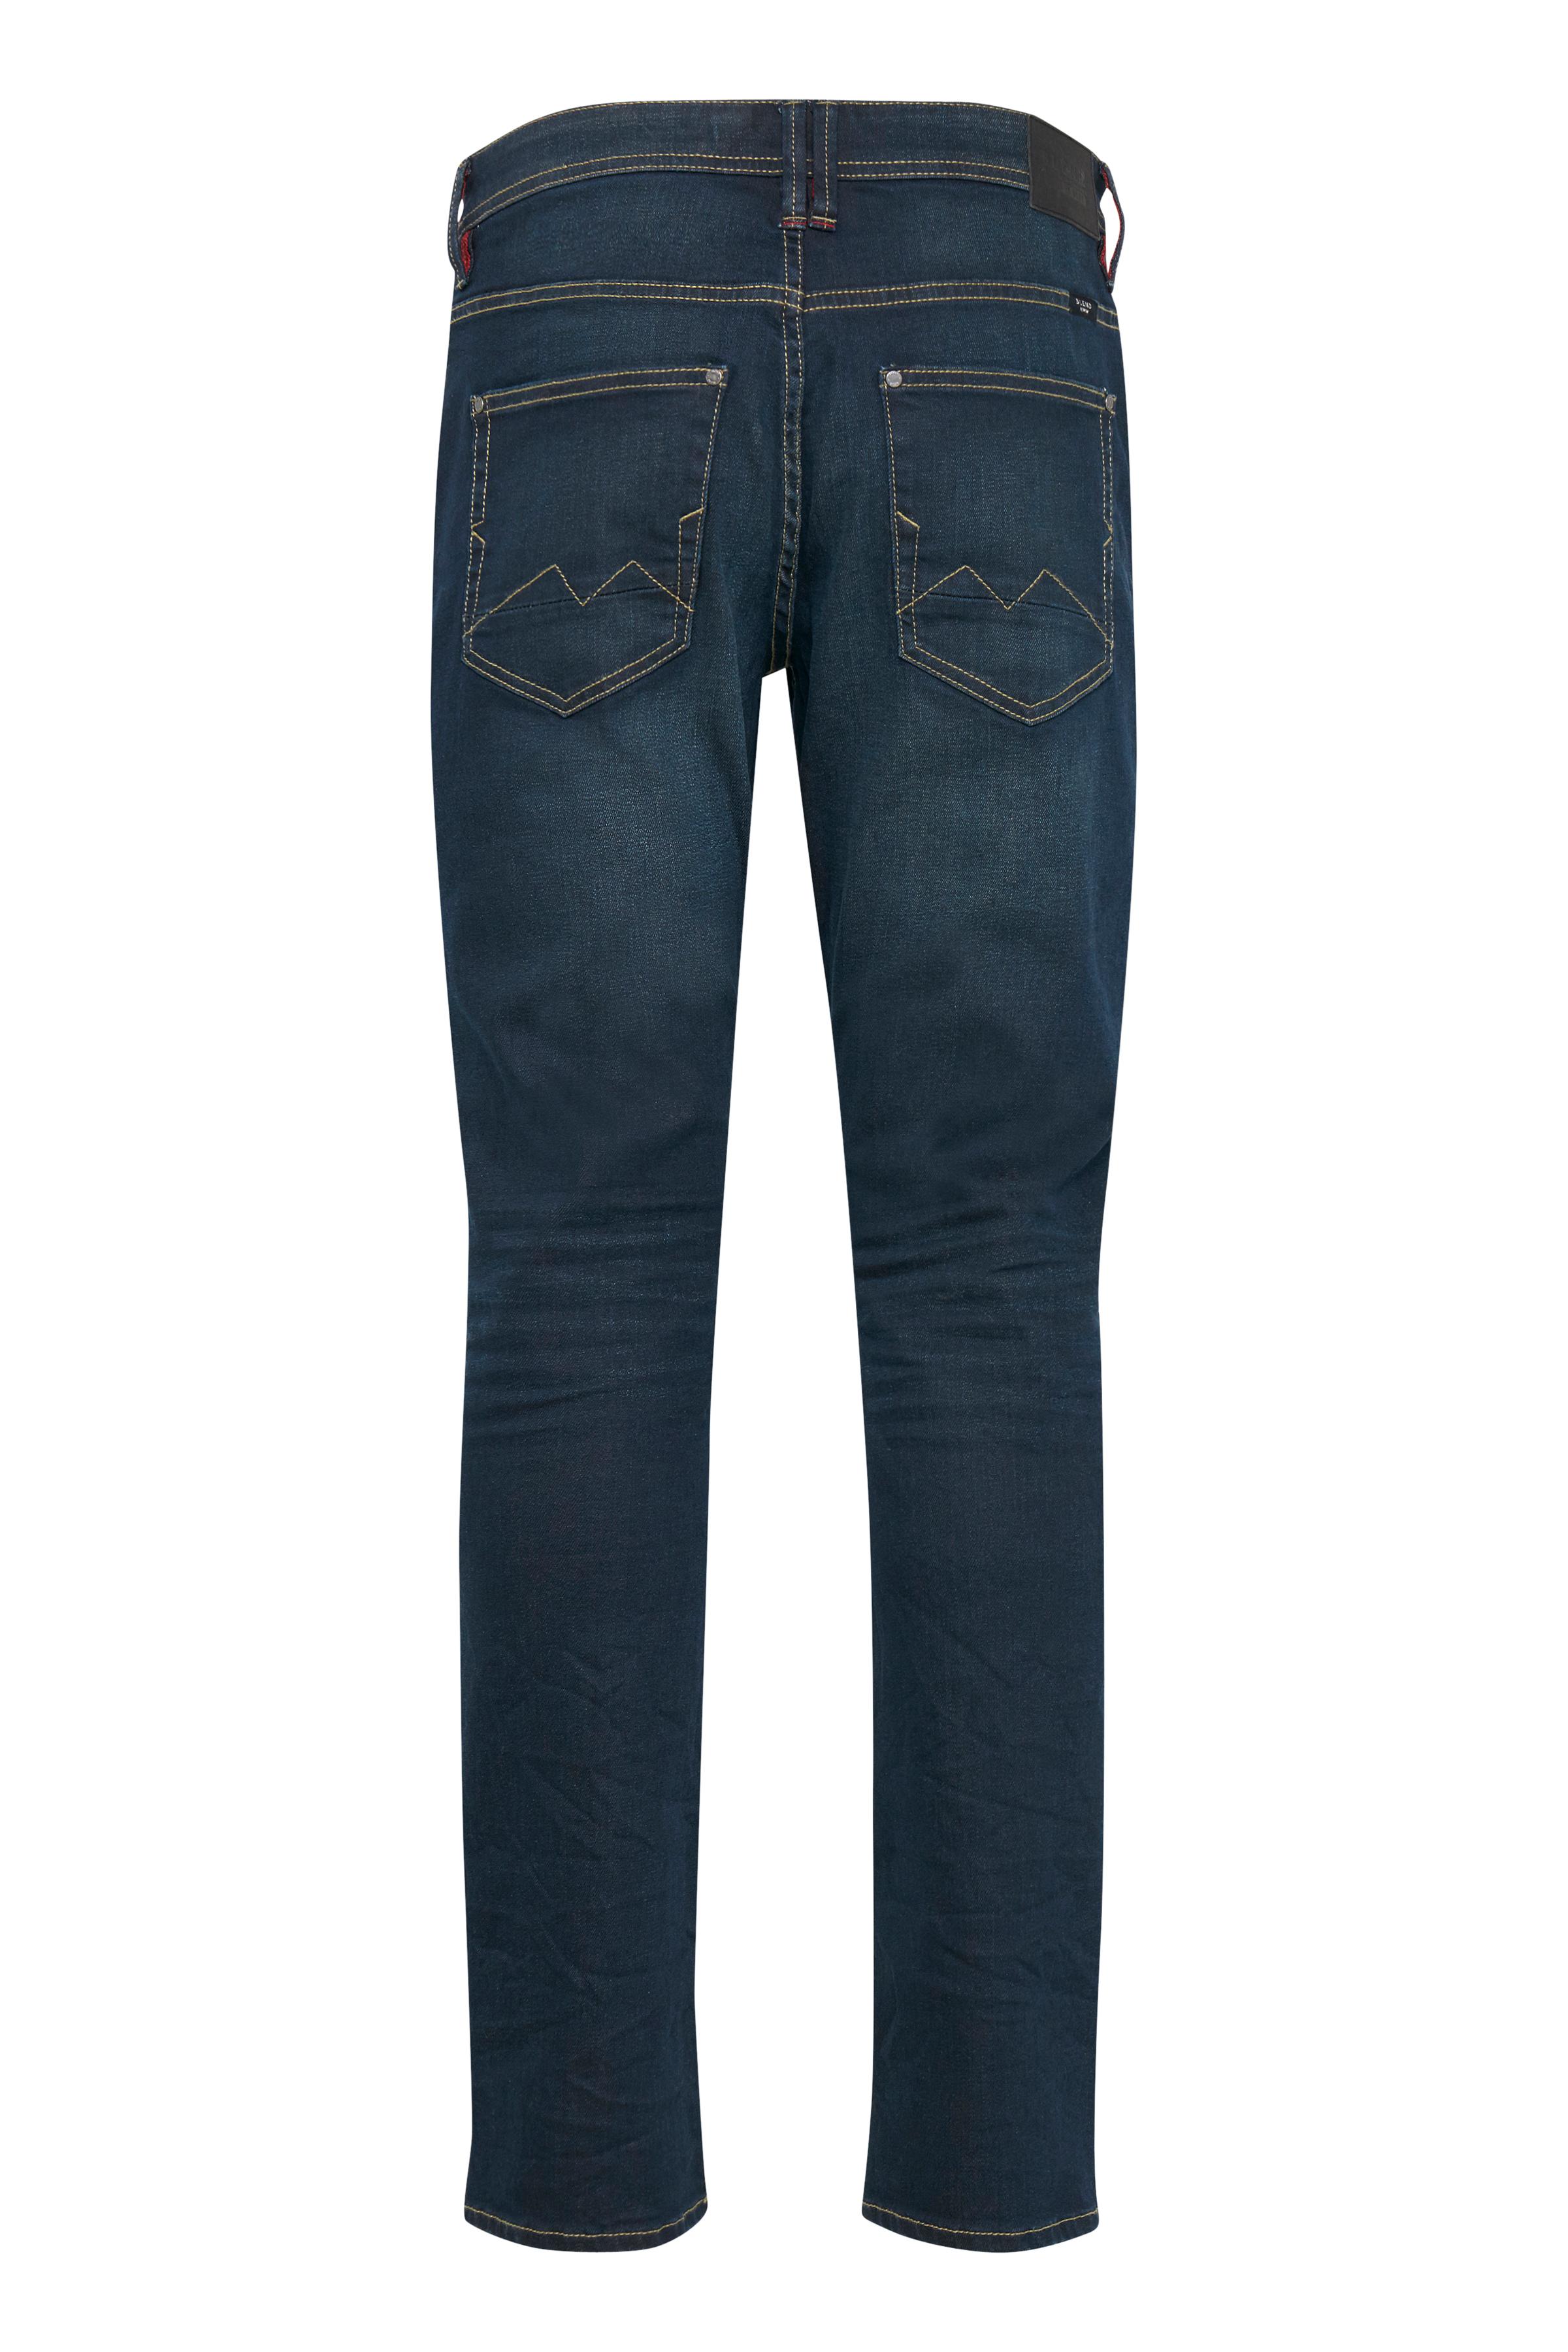 Denim darkblue Blizzard jeans fra Blend He – Køb Denim darkblue Blizzard jeans fra str. 28-40 her